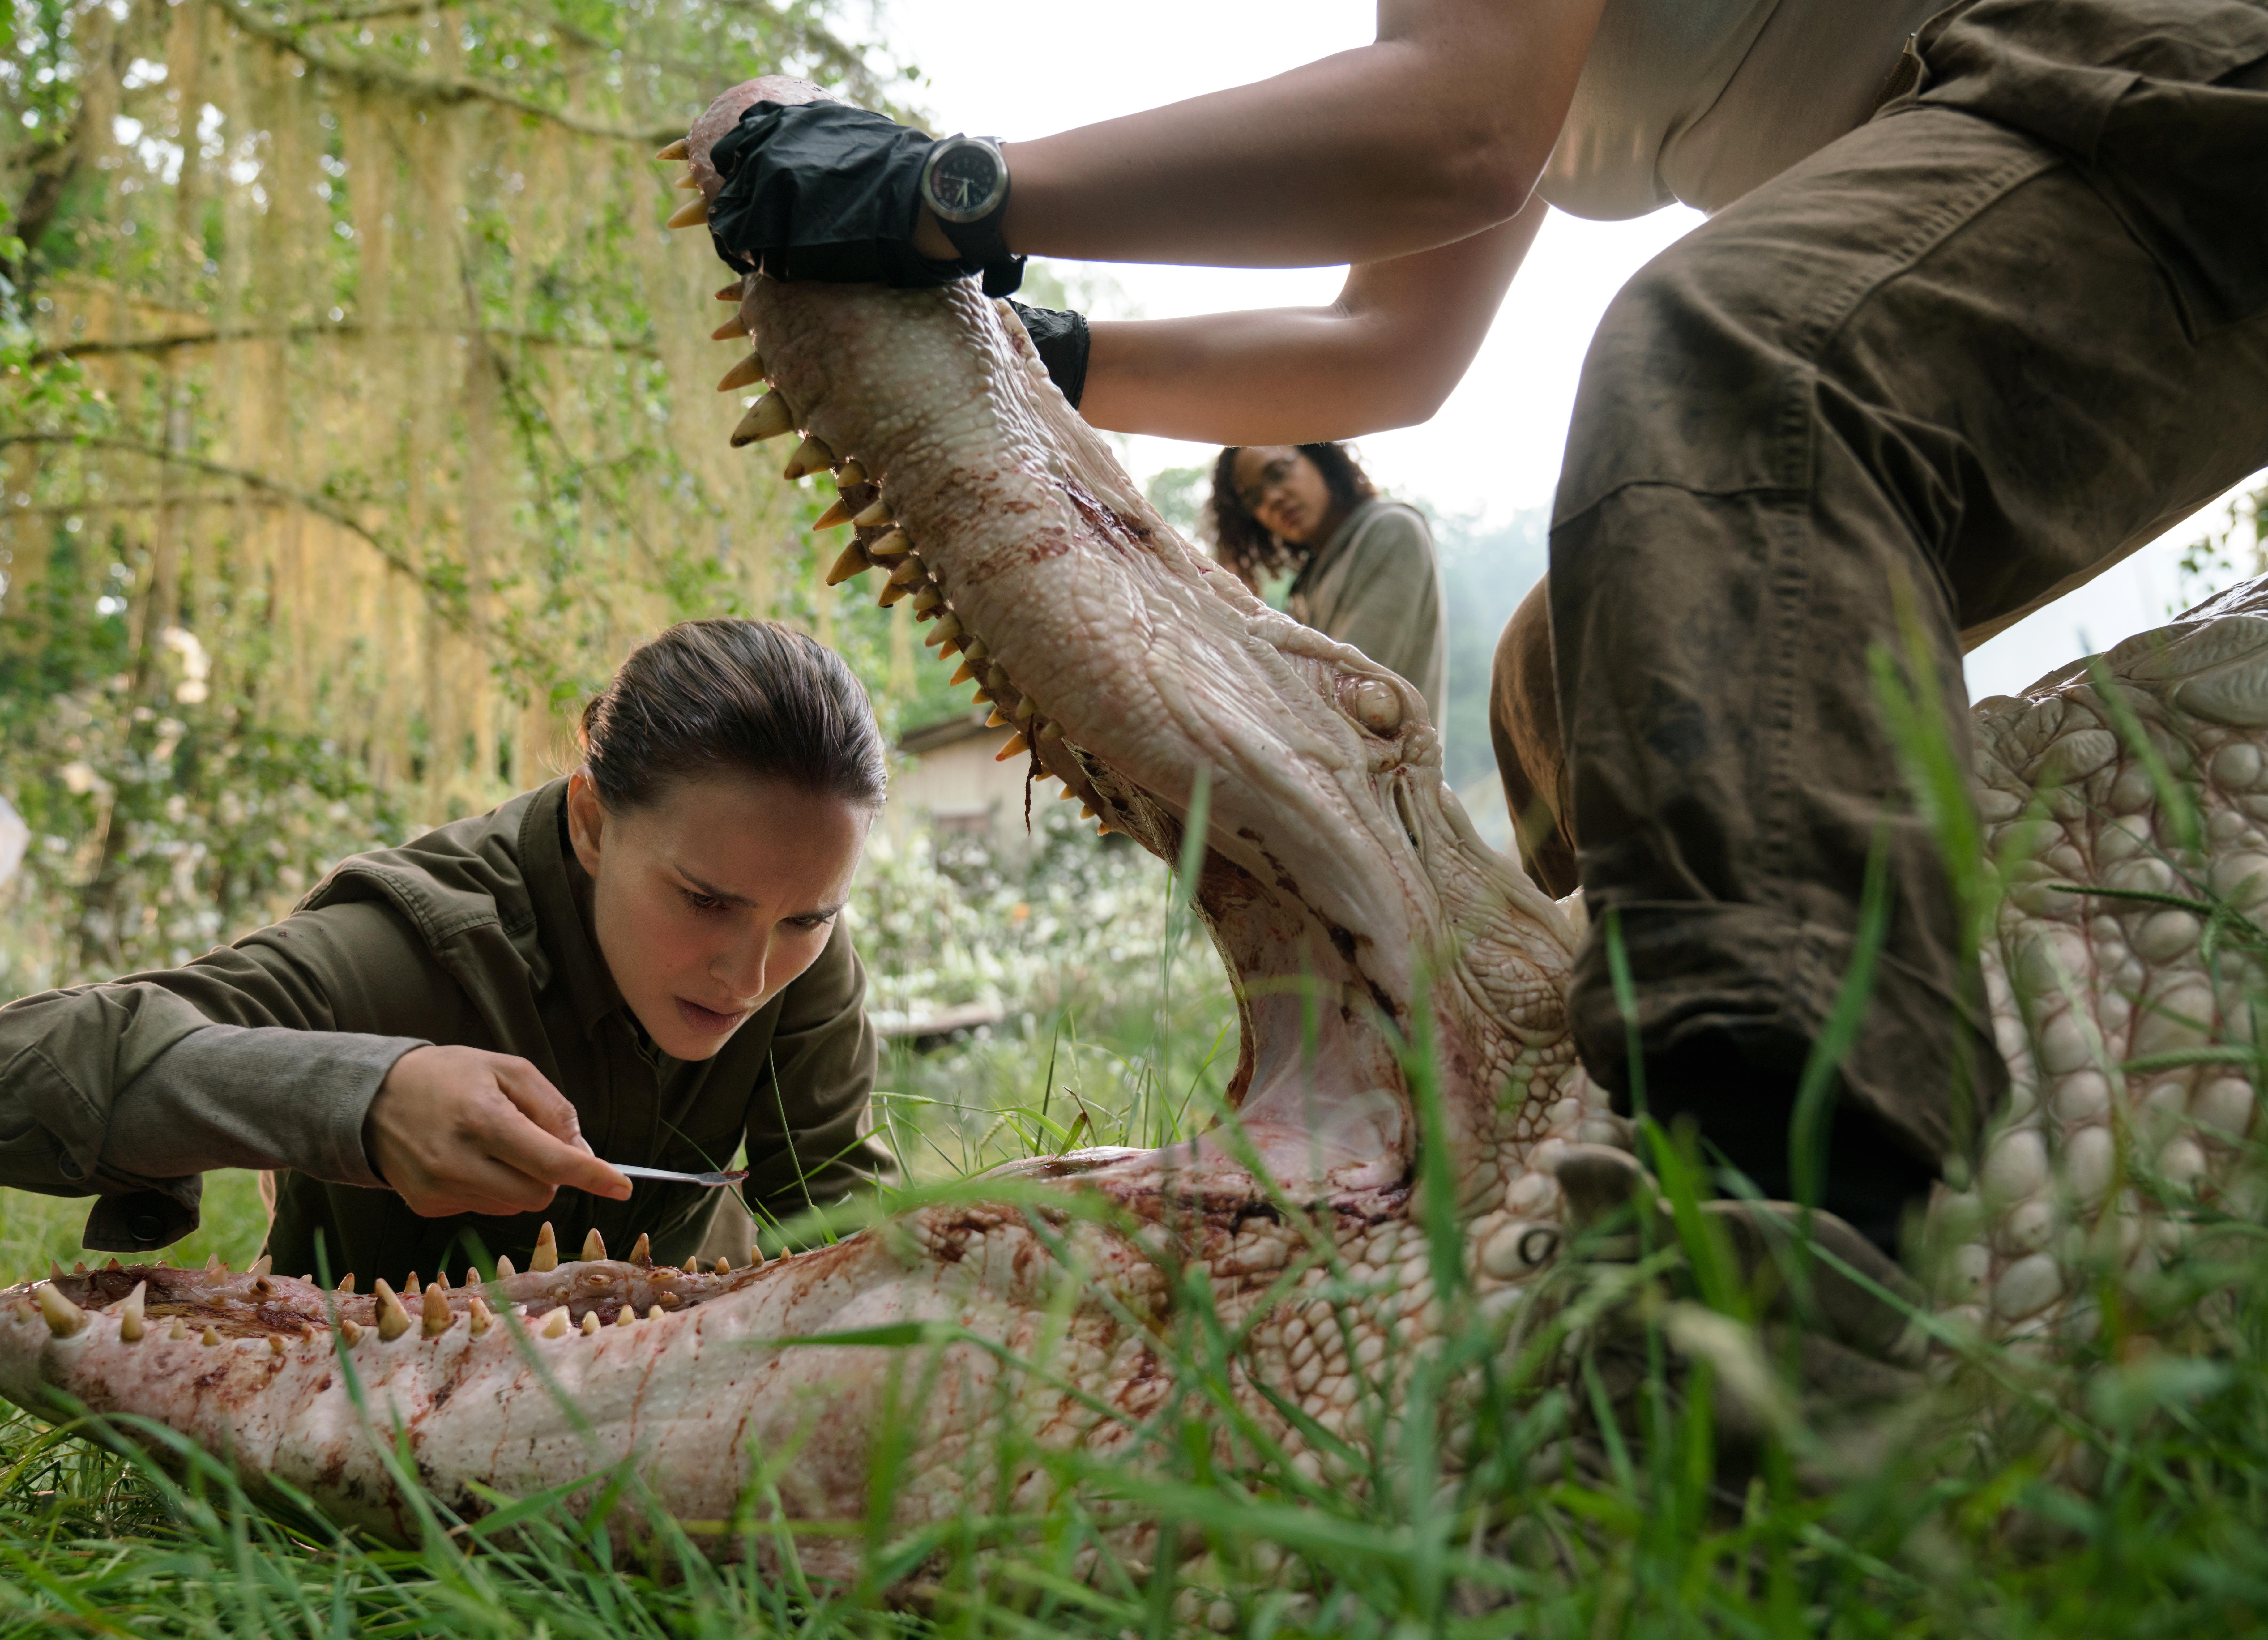 De gauche à droite: Natalie Portman et Tessa Thompson dans ANNIHILATION, de Paramount Pictures et